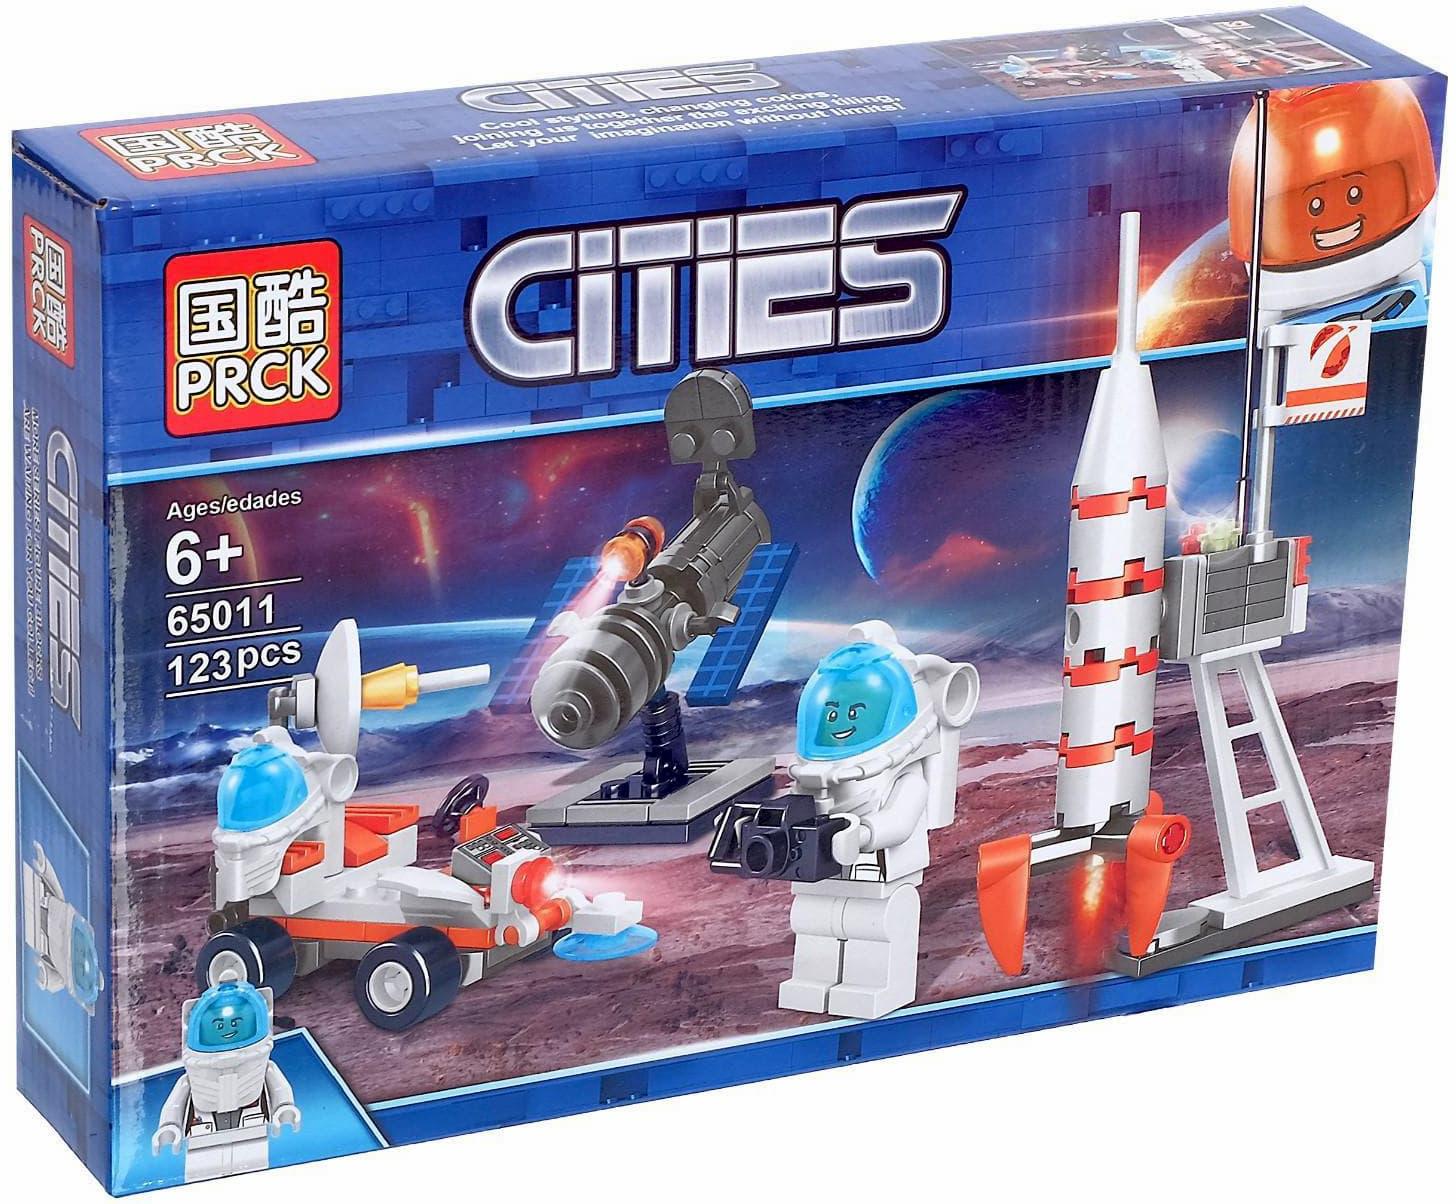 Конструктор PRCK «Космические исследования» 65011 (City) / 391 деталь